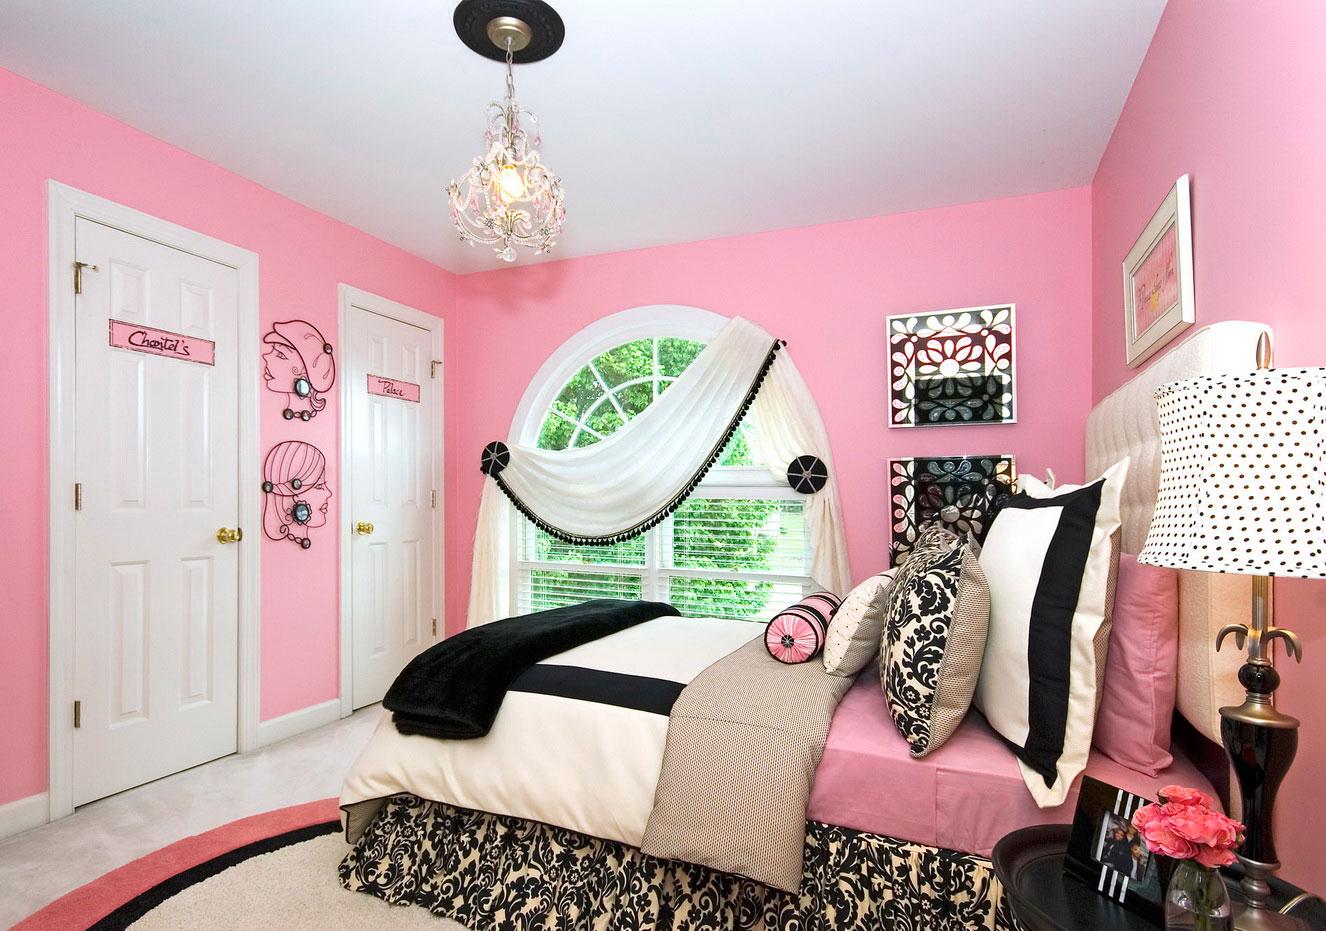 بالصور صور غرف بنات , اجمل ديكورات غرف البنات 3252 3